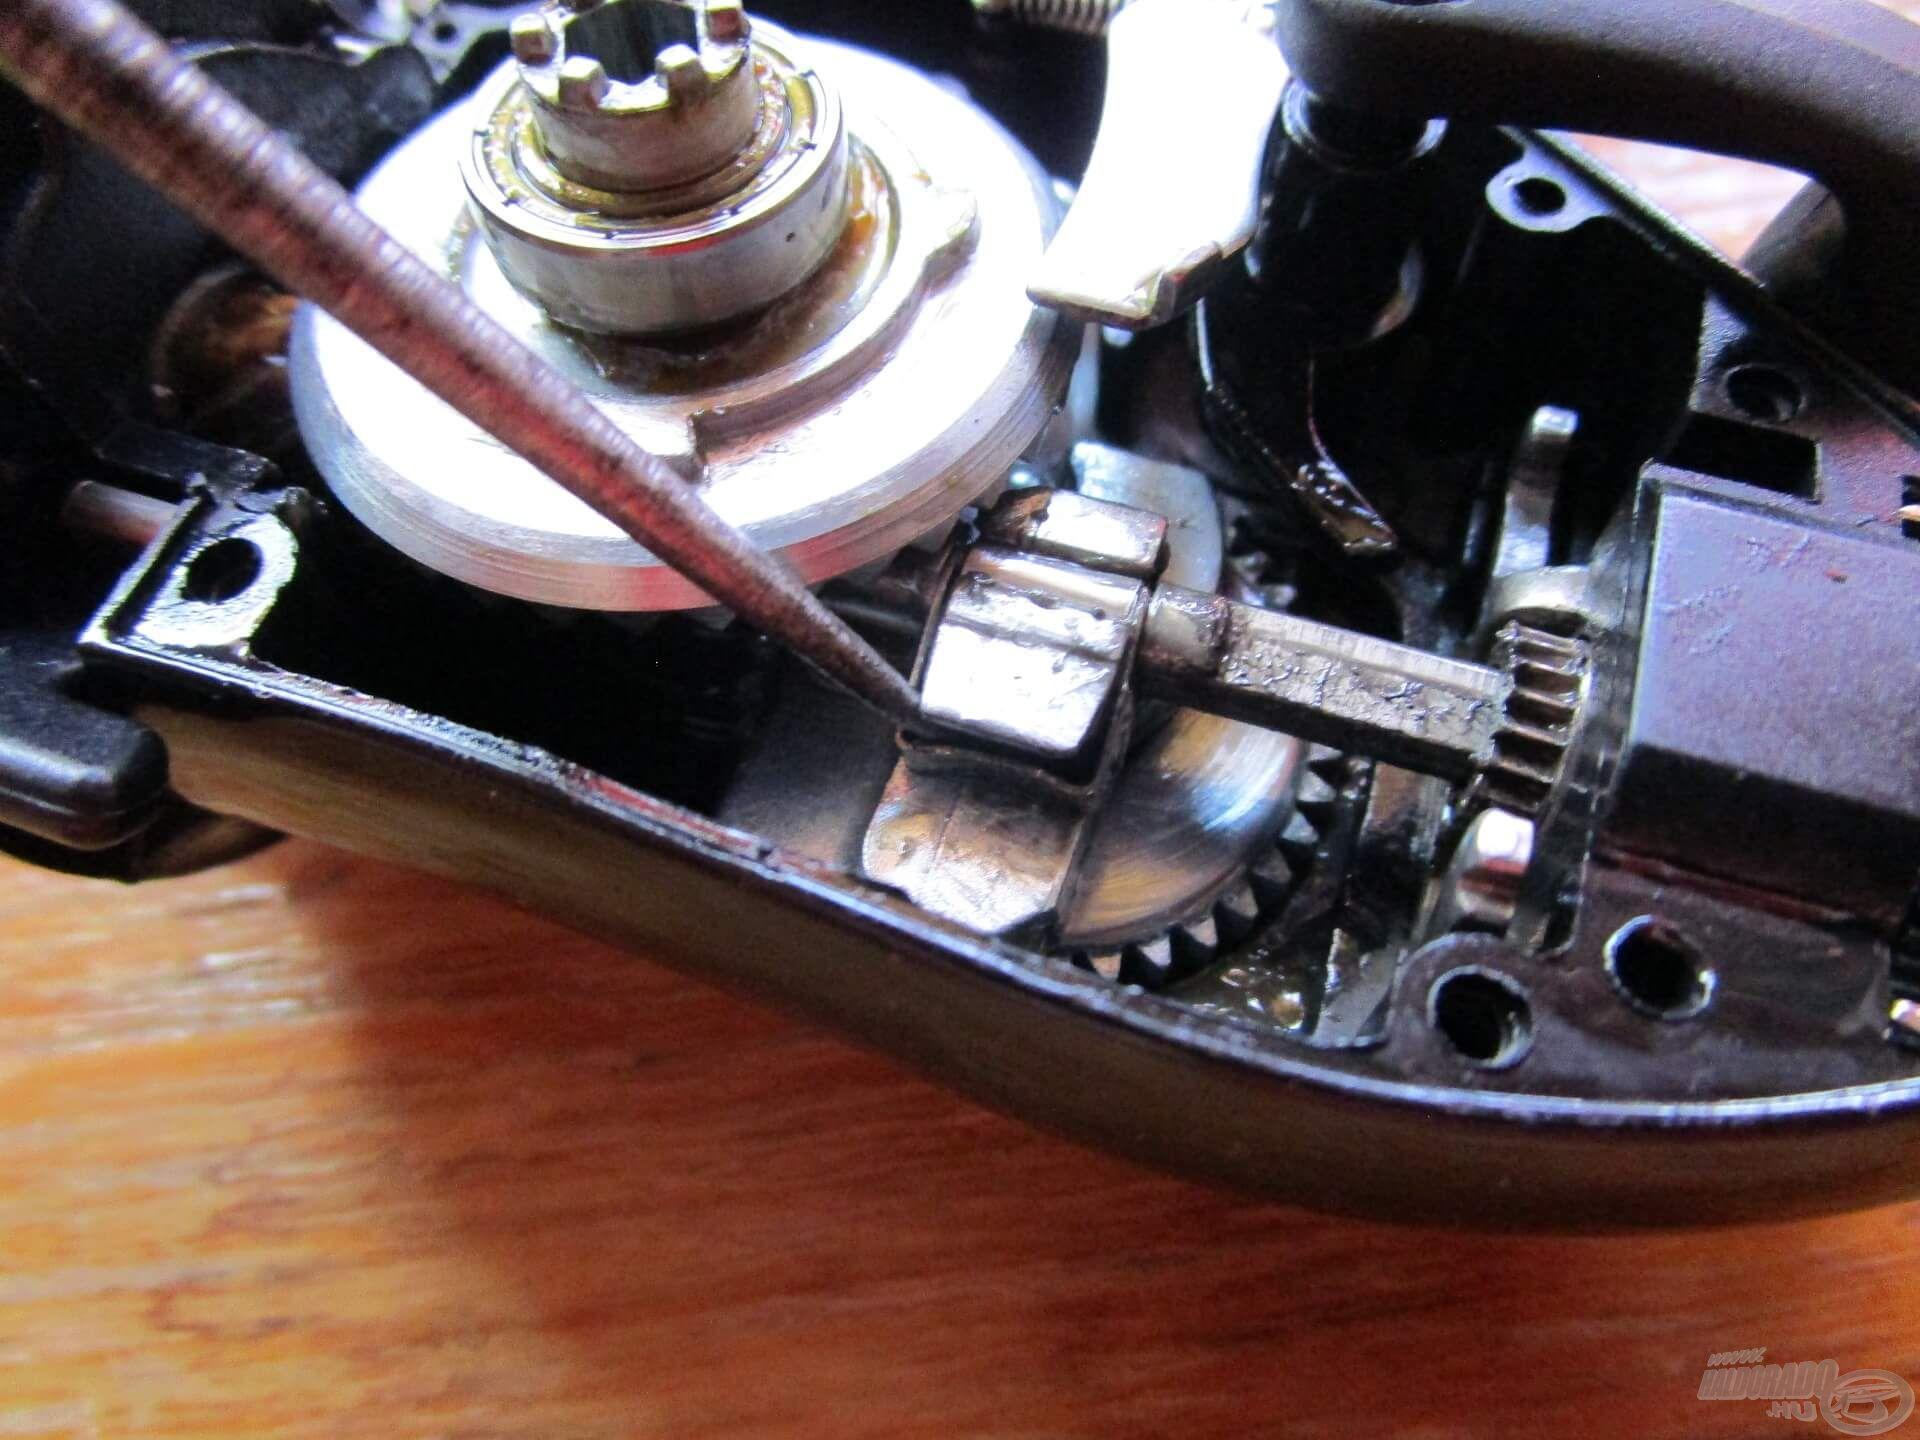 Könnyű levenni a fém alkatrészt, ami a dobtengelyt rögzíti. A csavaros megoldást azért jobbnak tartom